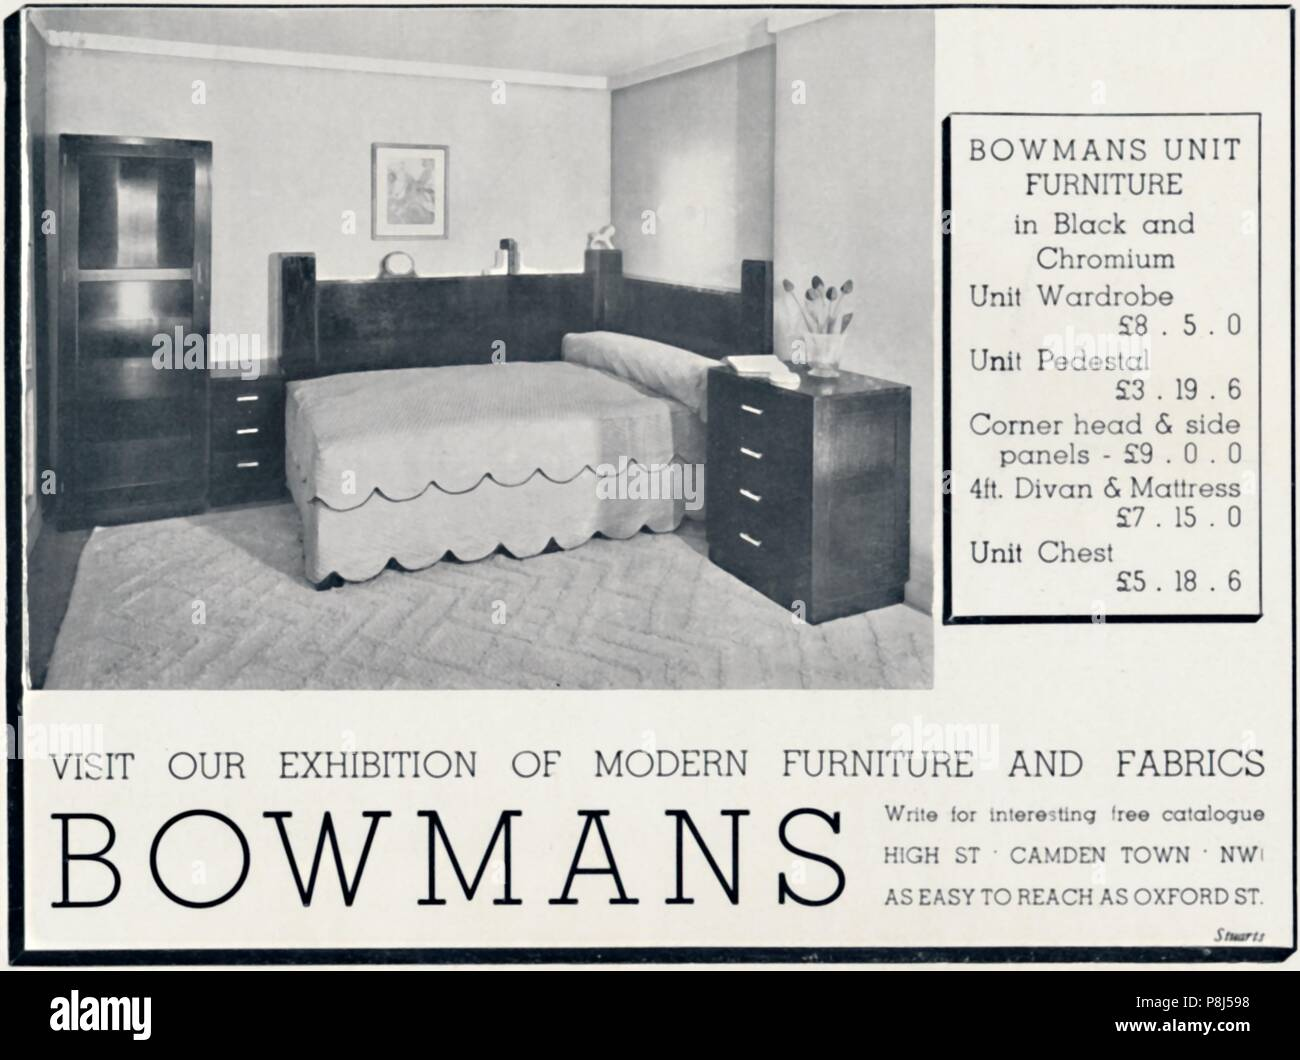 bowmans unsere ausstellung fur moderne mobel und stoffe 1935 besuchen von dekorativen kunst 1935 year book des studios von c g holme das studio